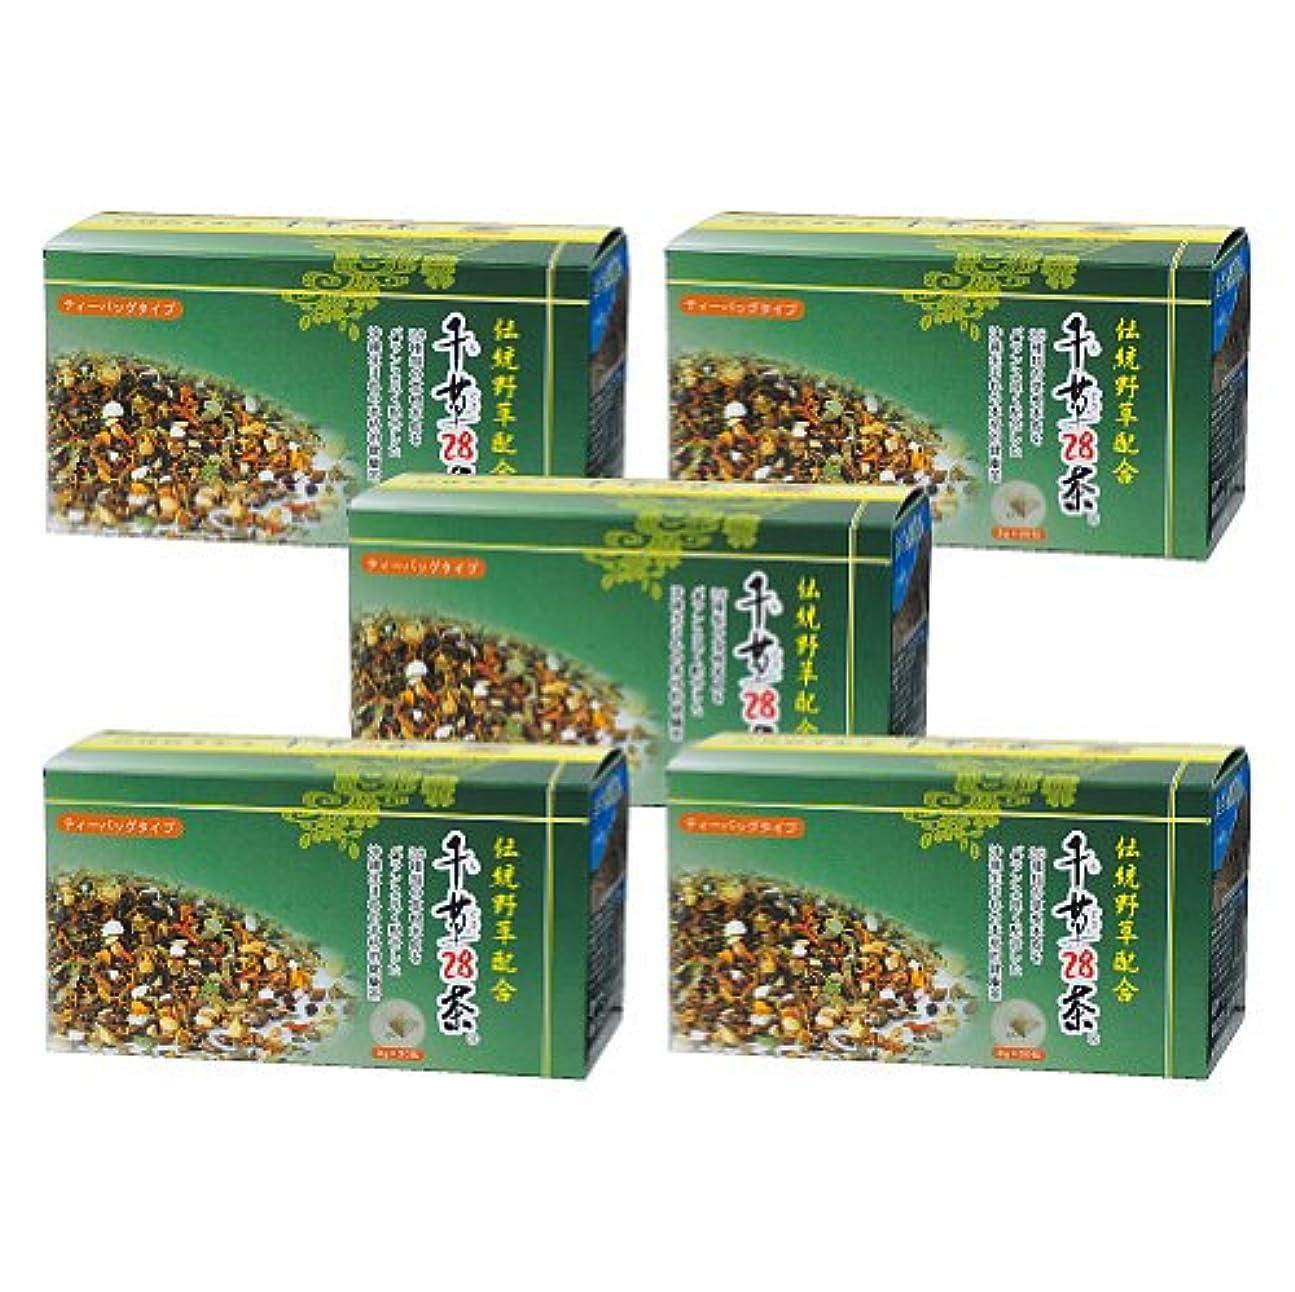 国民ロシア反対した千草28茶 ティーバッグタイプ 30包×5個